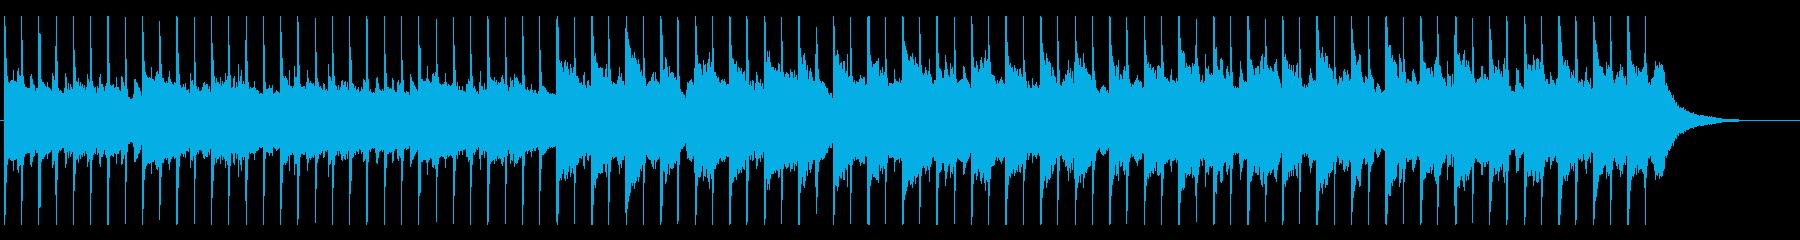 Corporate Guitar 146の再生済みの波形